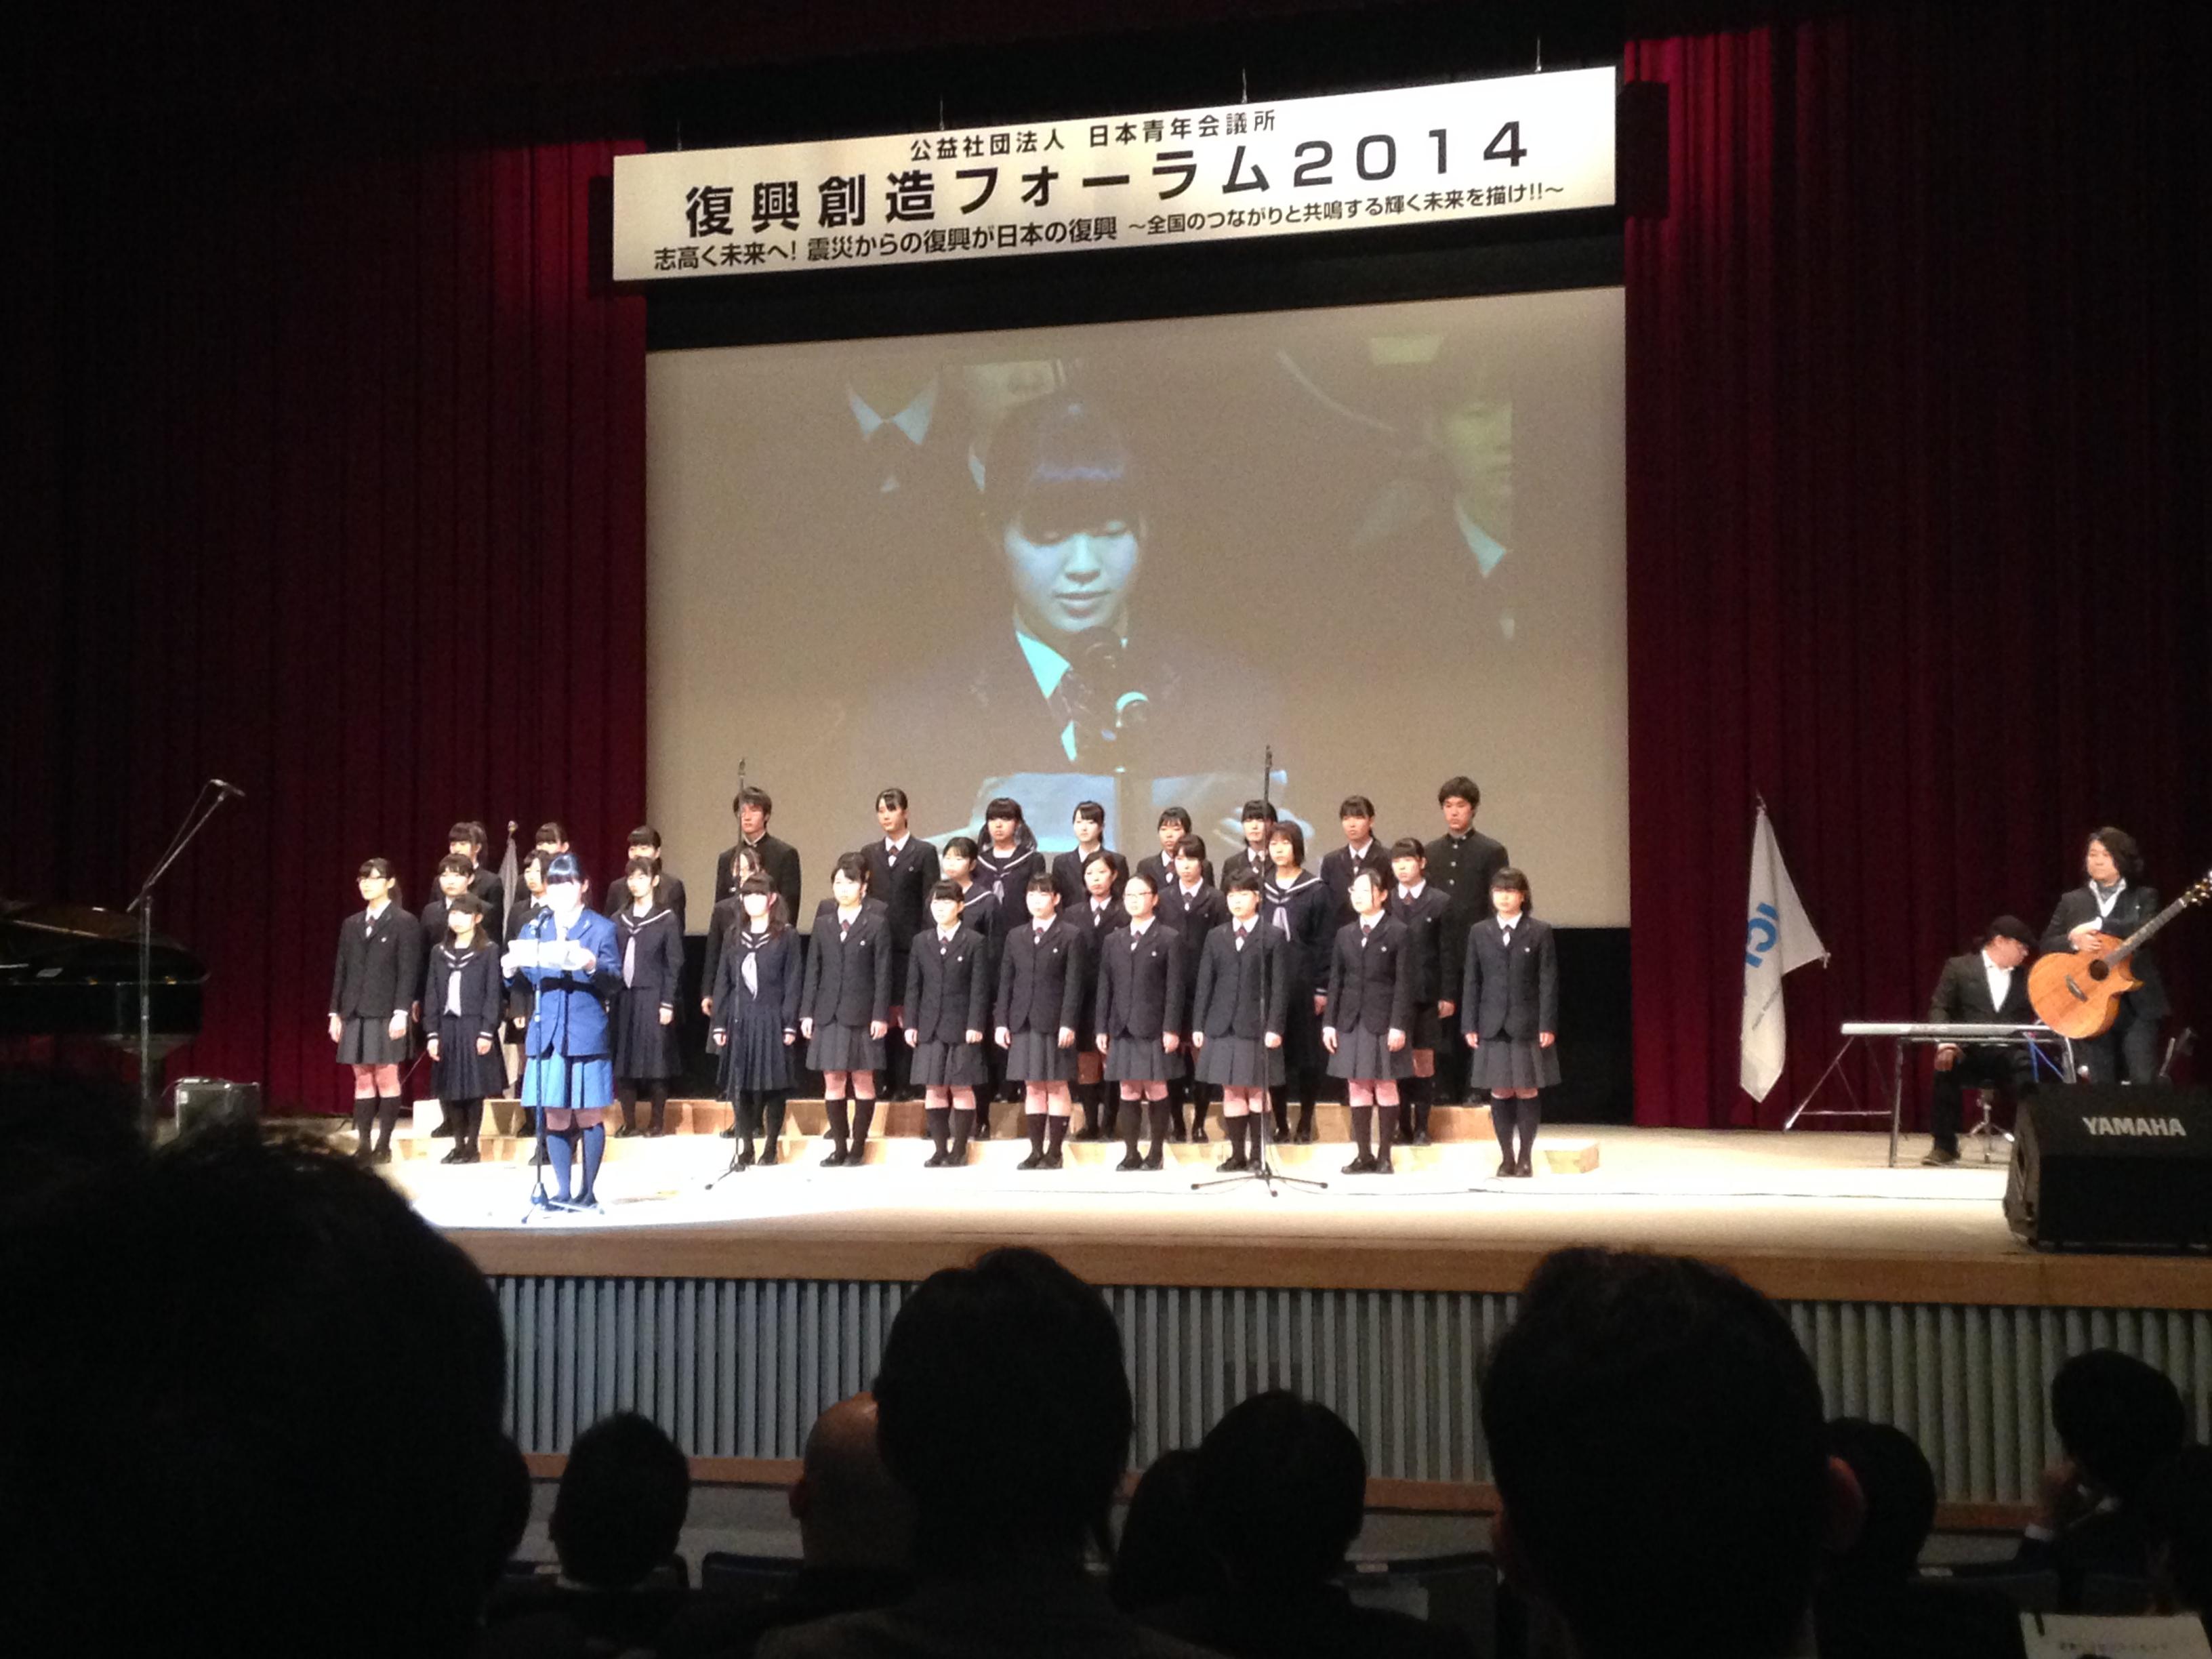 20140309_復興創造フォーラム2日目 (29)